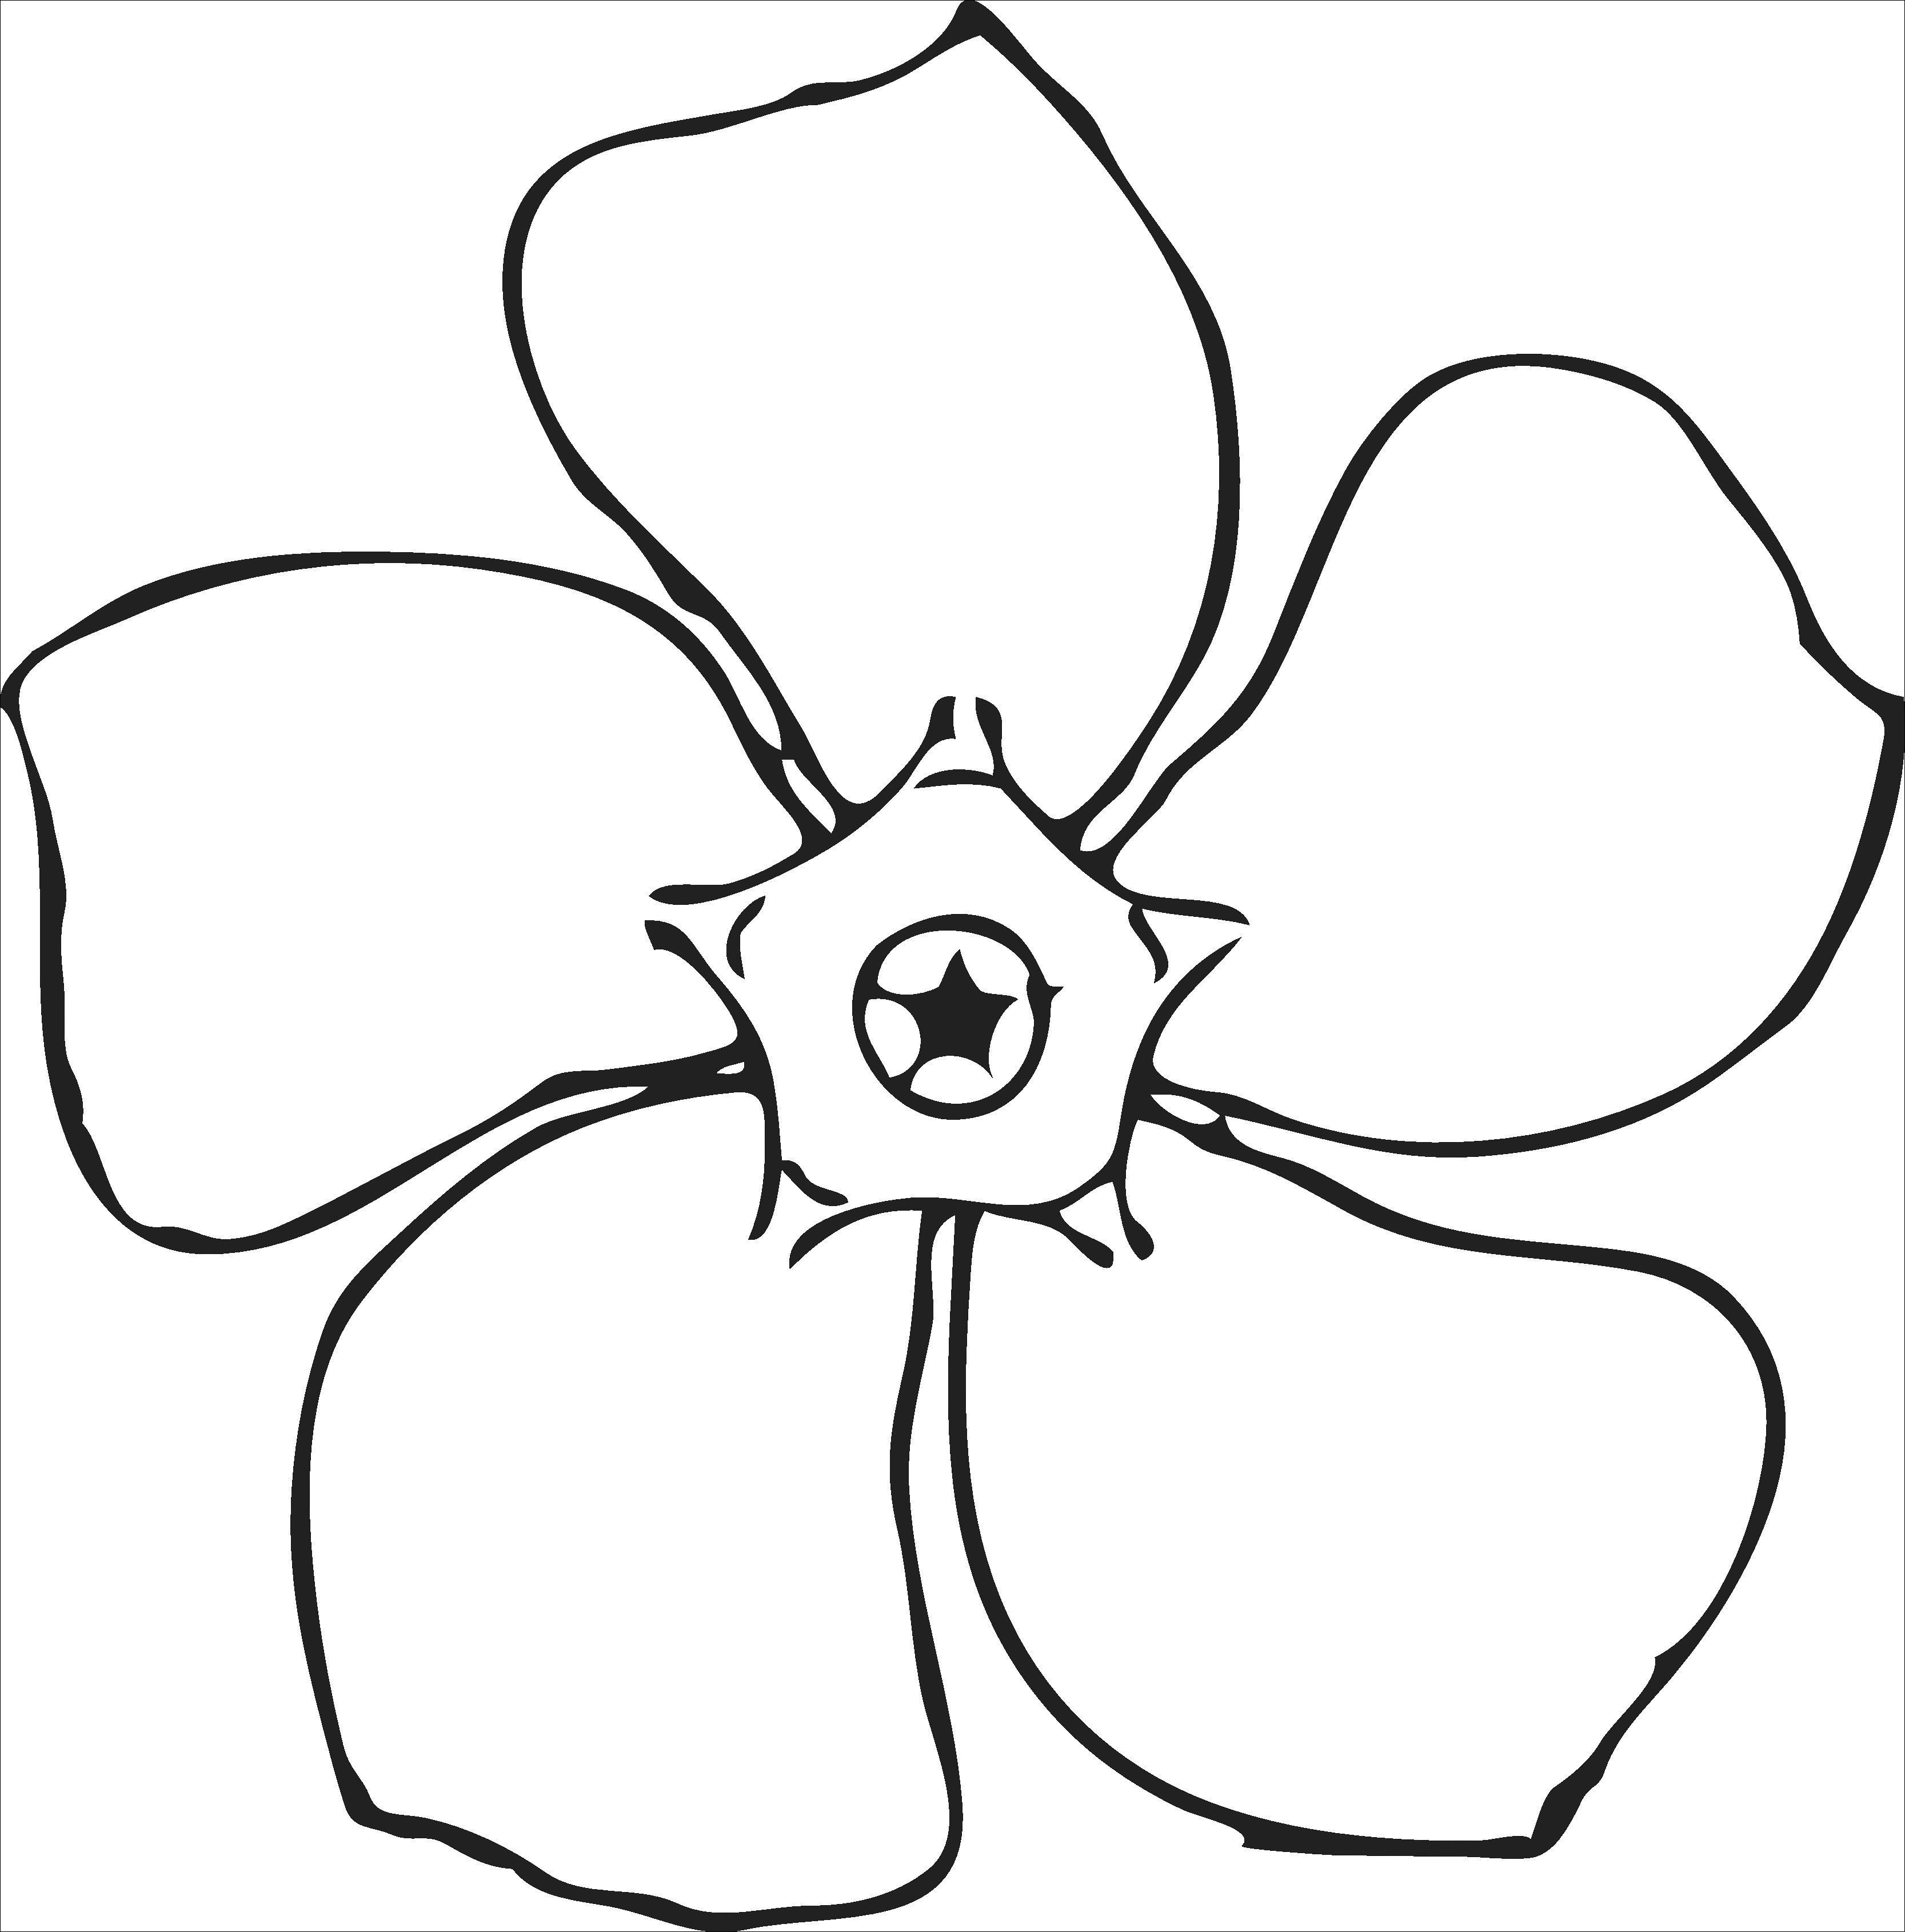 Gambar Sketsa Bunga Mawar Hitam Putih Sketsa, Seni